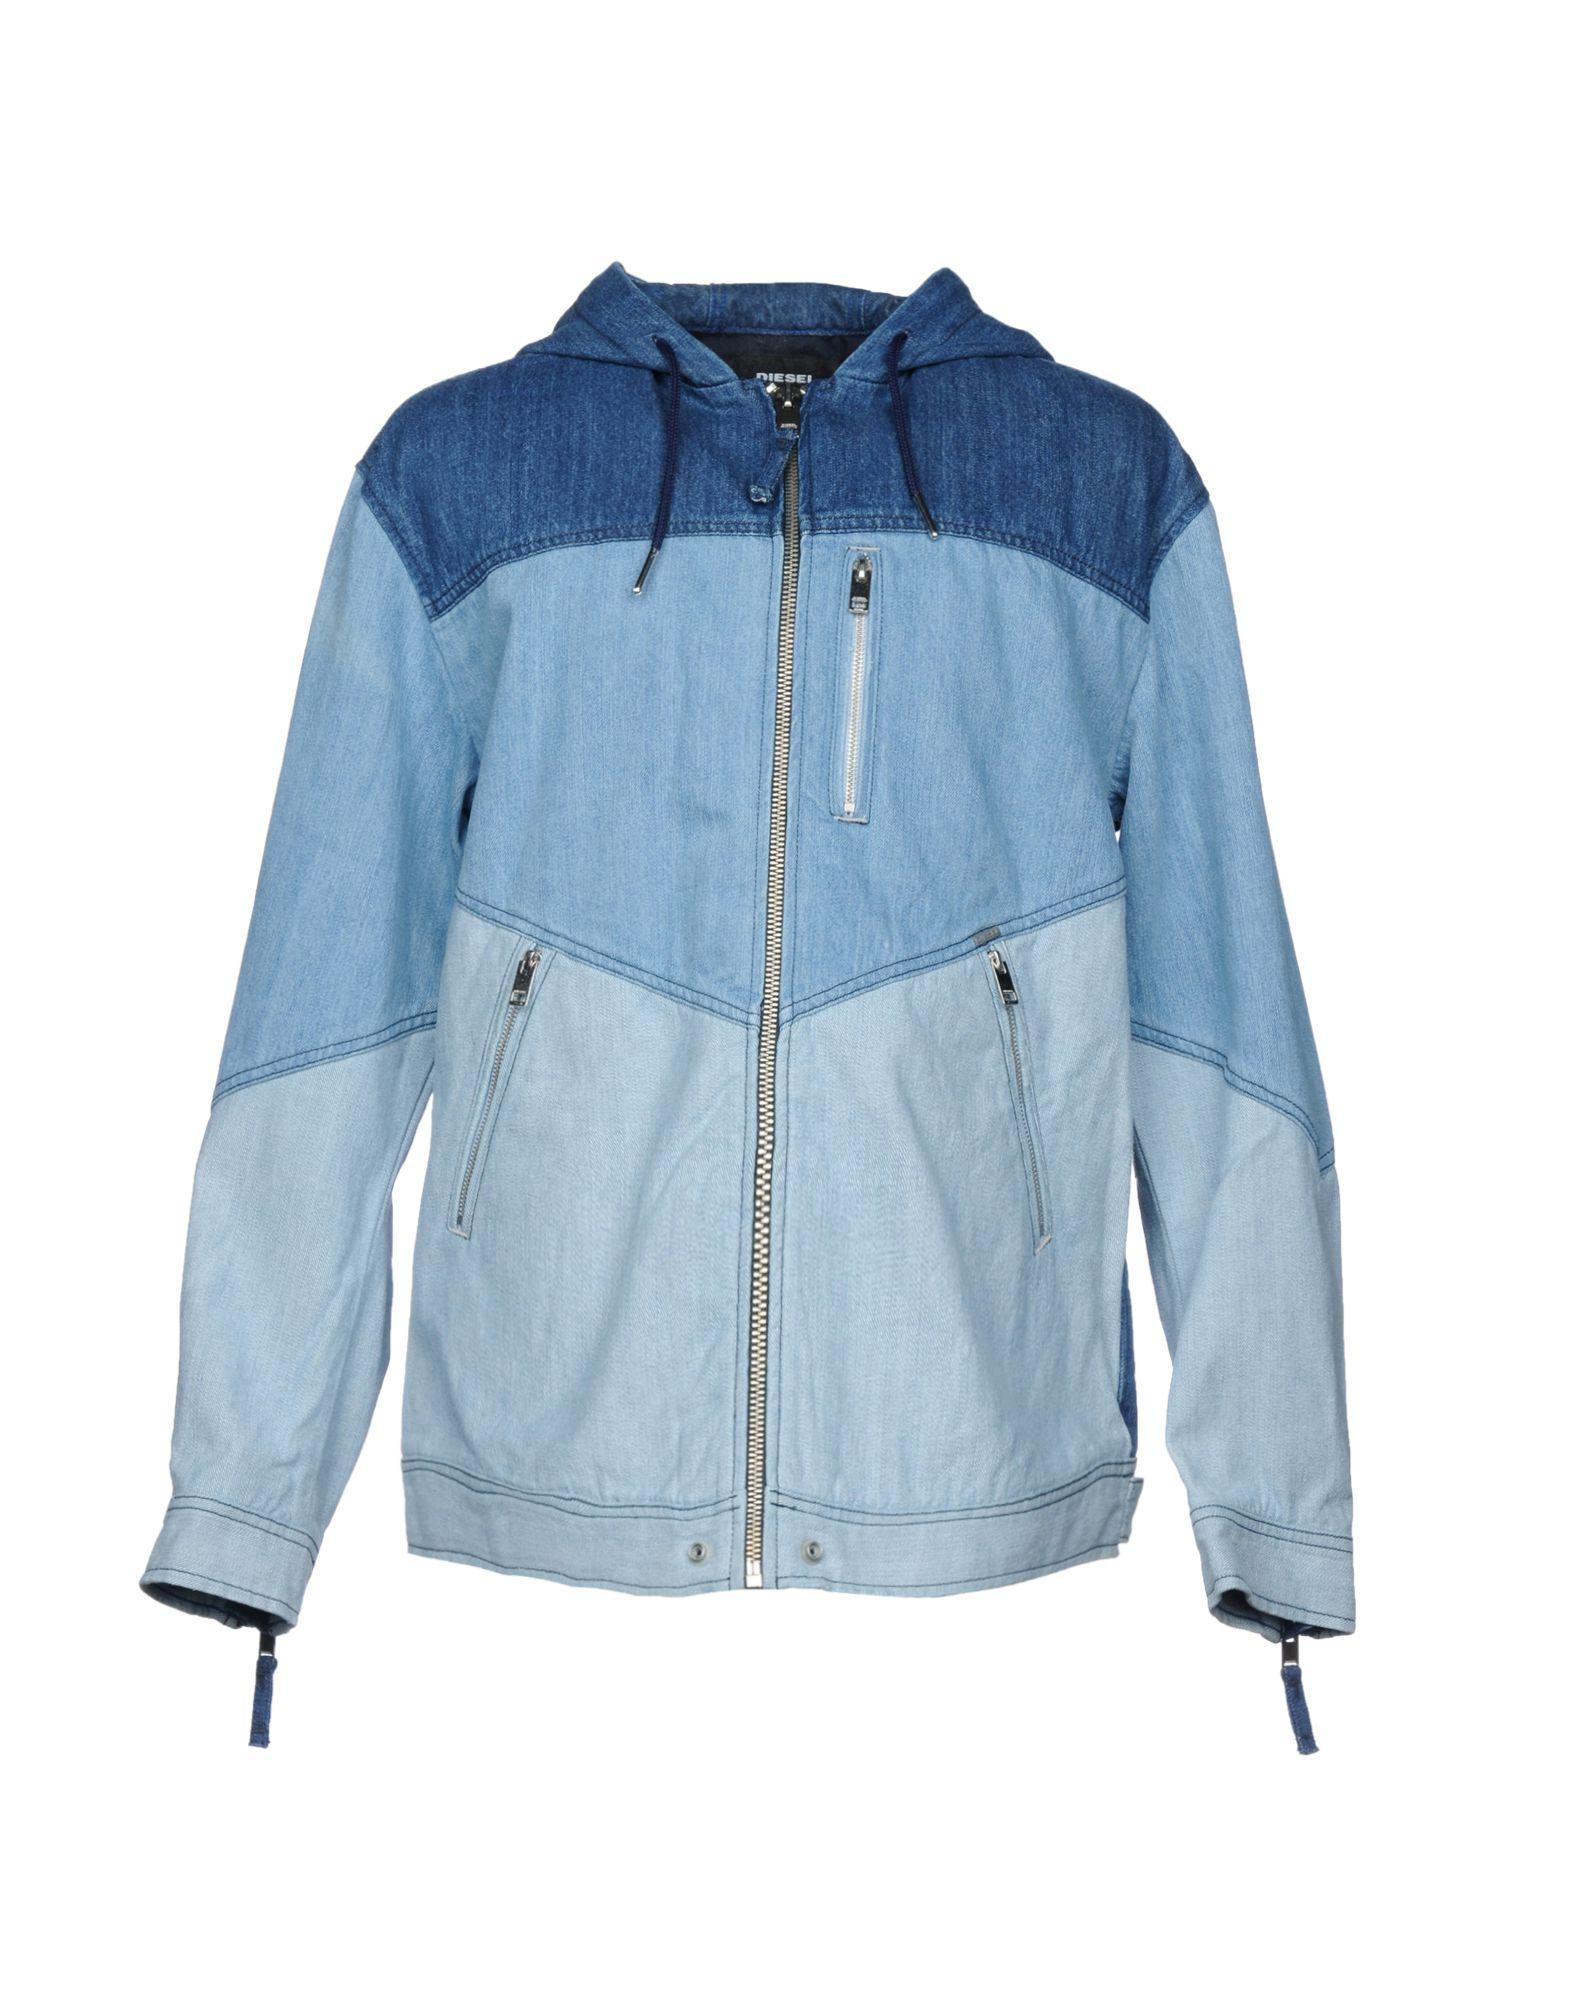 Giubbotto Jeans Diesel Uomo - Acquista online su